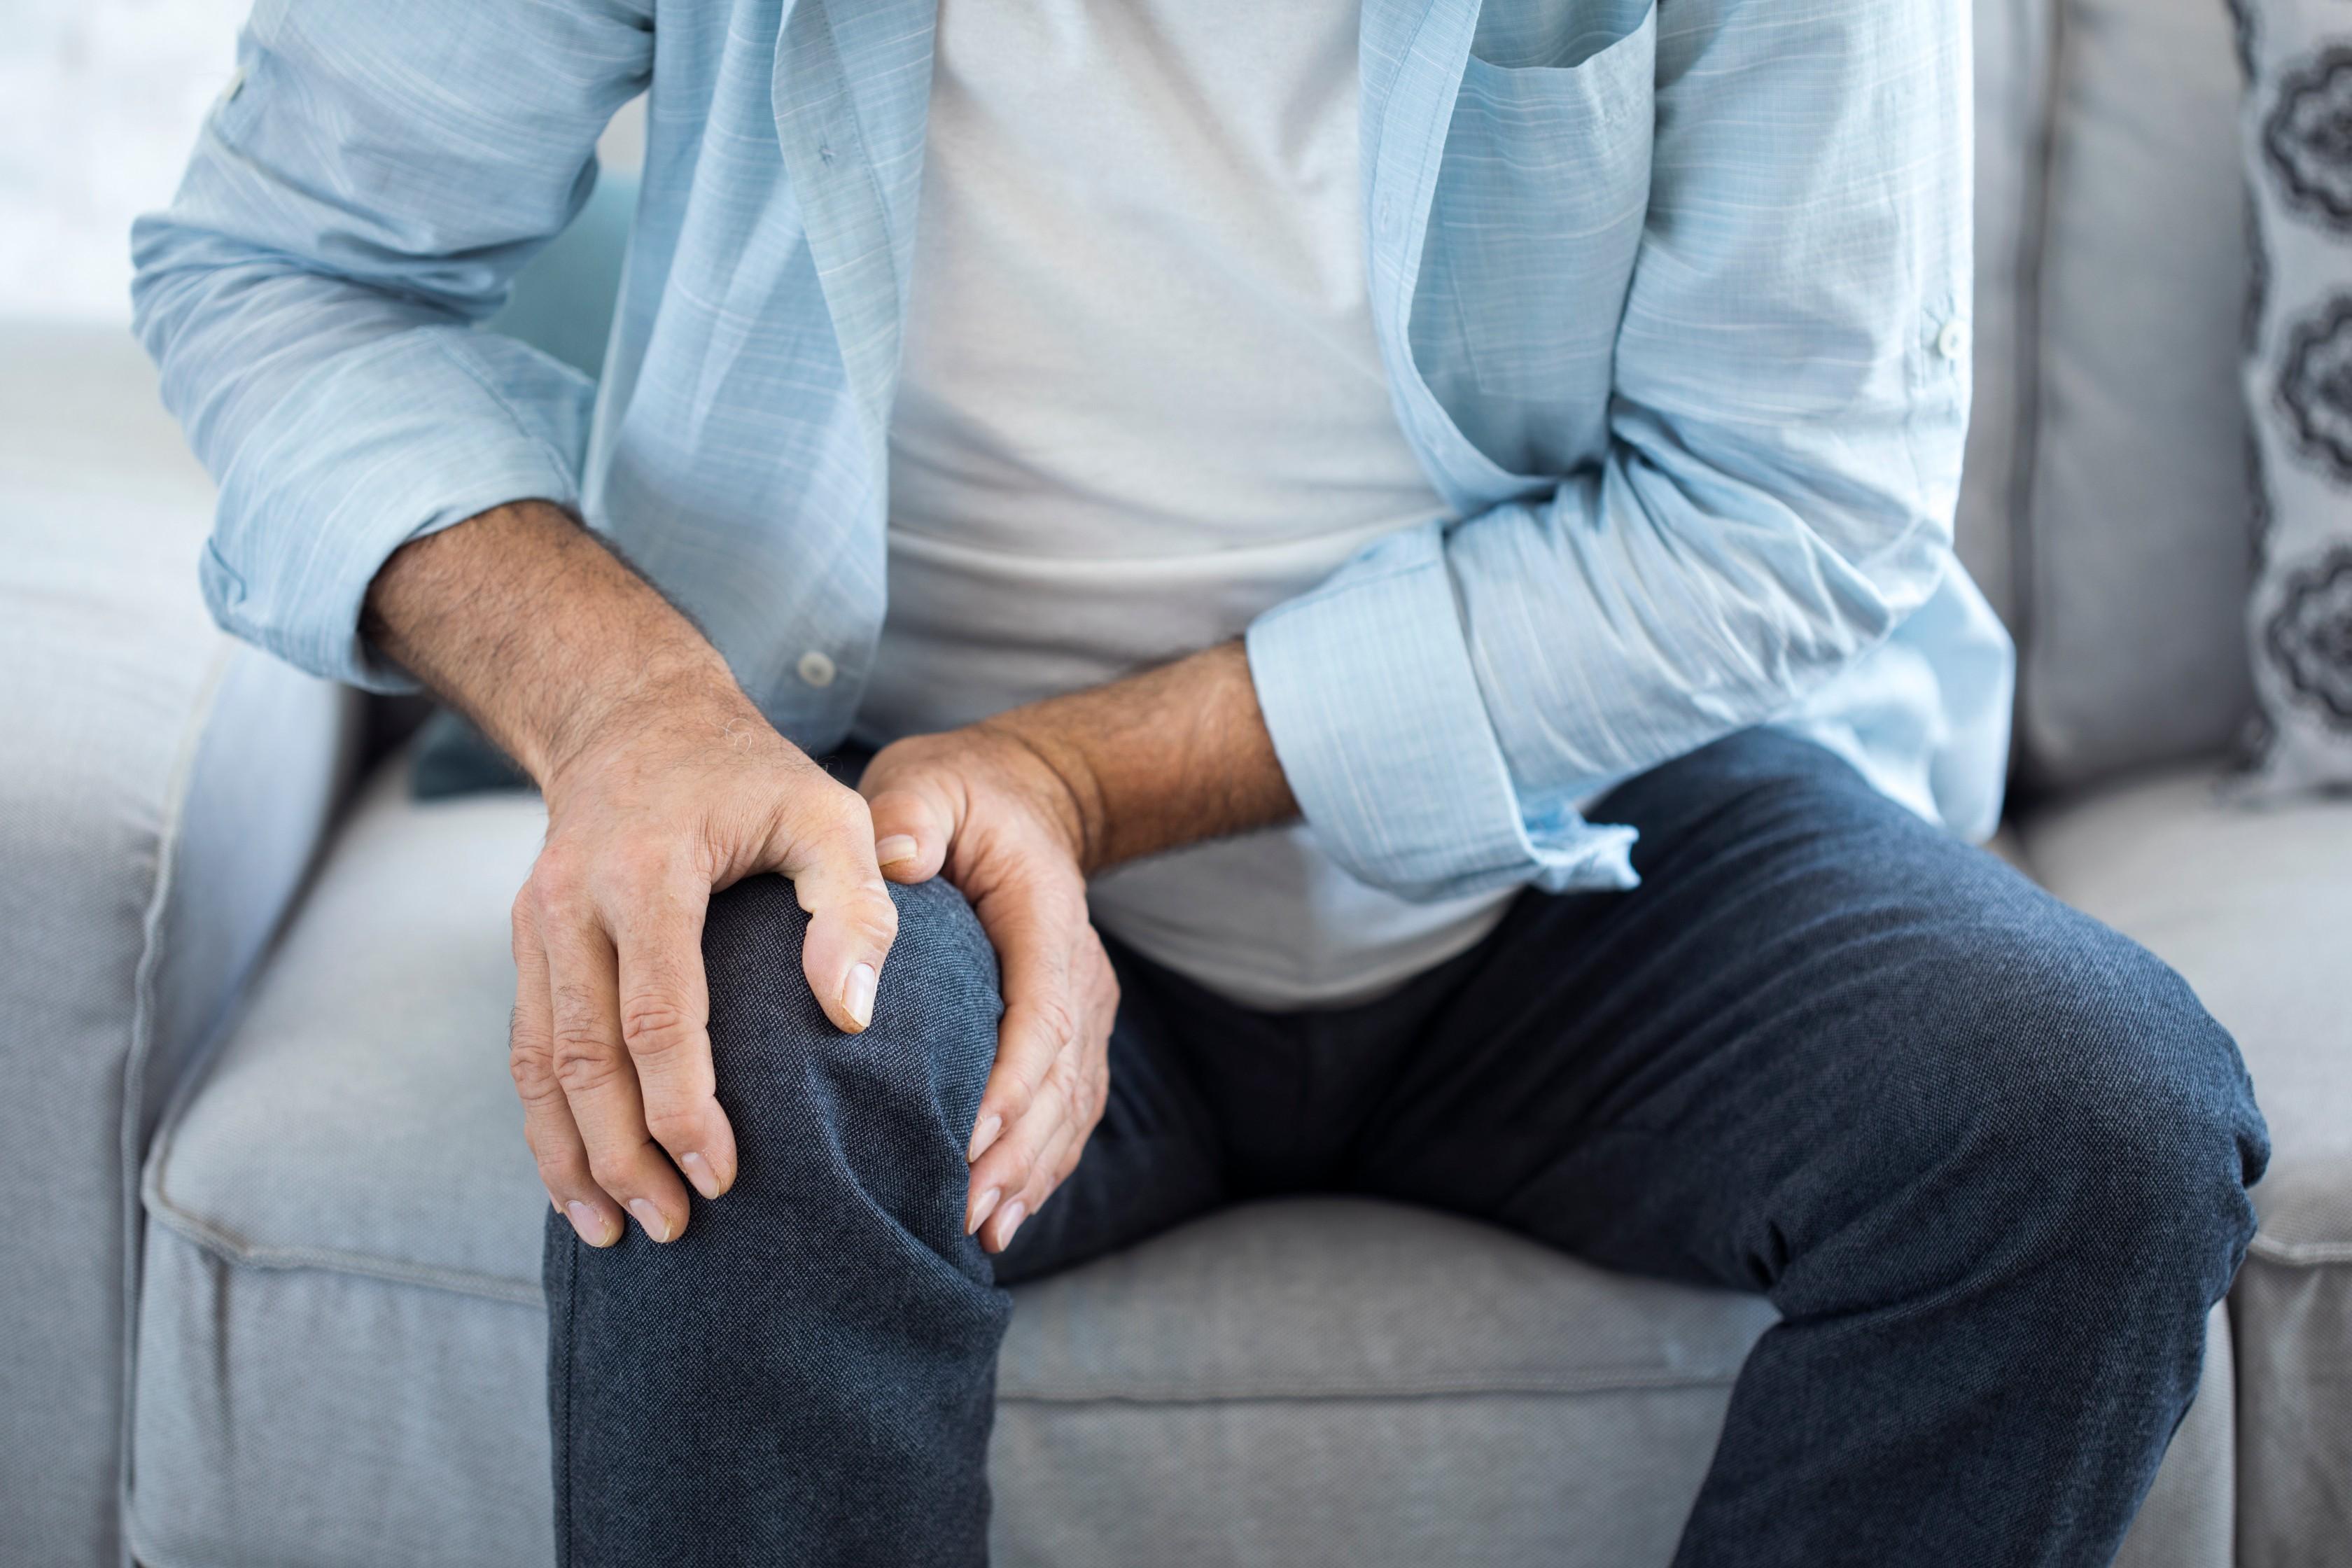 kenőcsök vagy gélek ízületi fájdalmak kezelésére artróziskezelő mágnesek